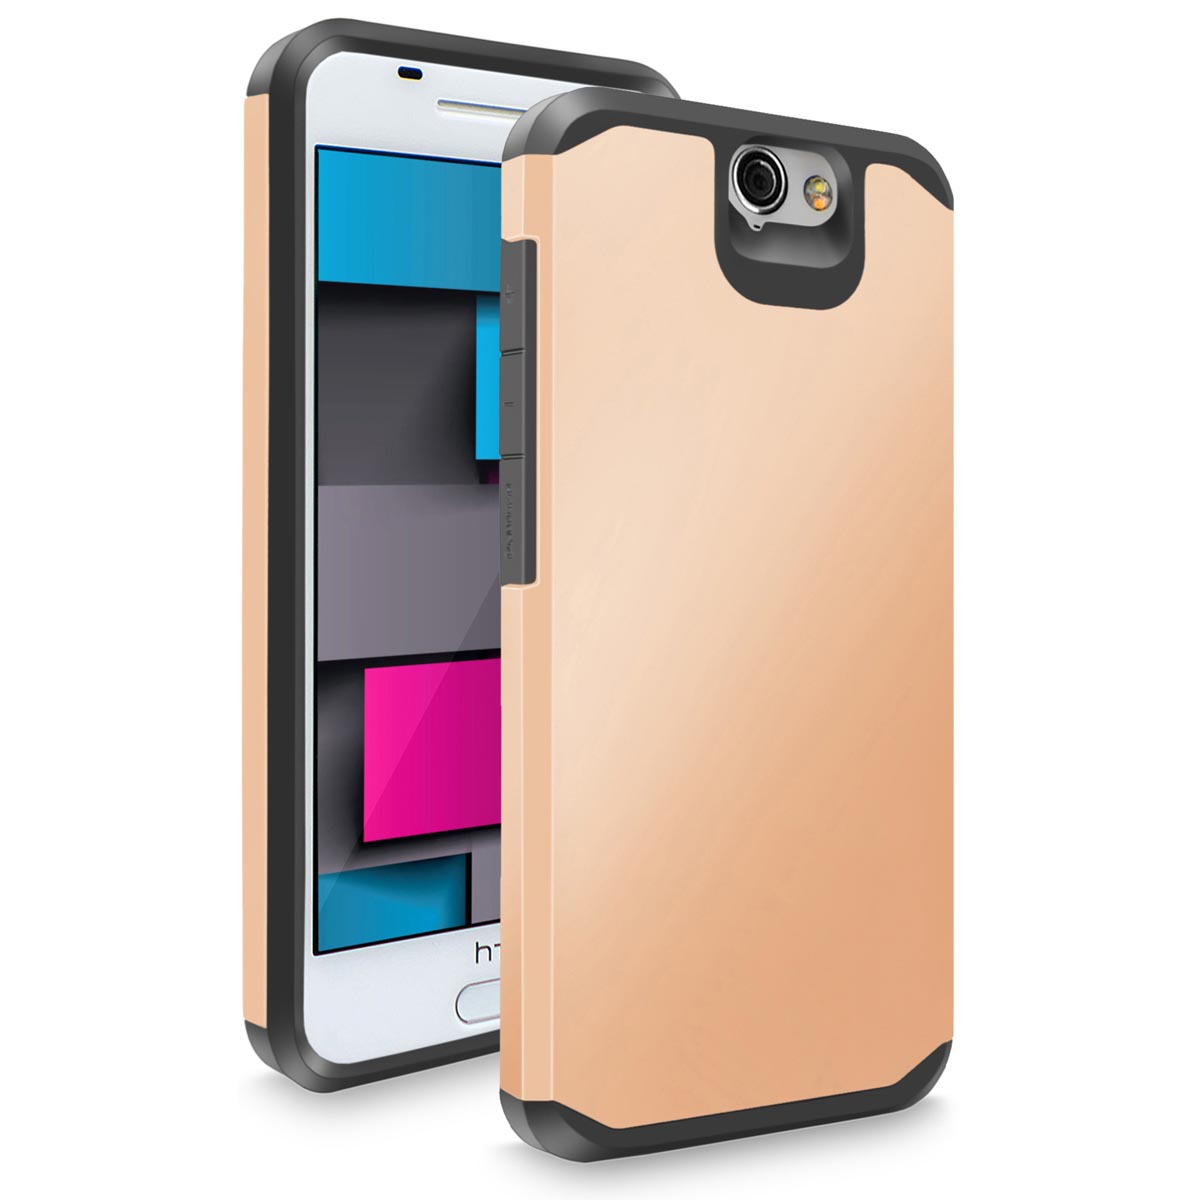 HTC-ONE-A9-SHCKPF-BK-GD-2